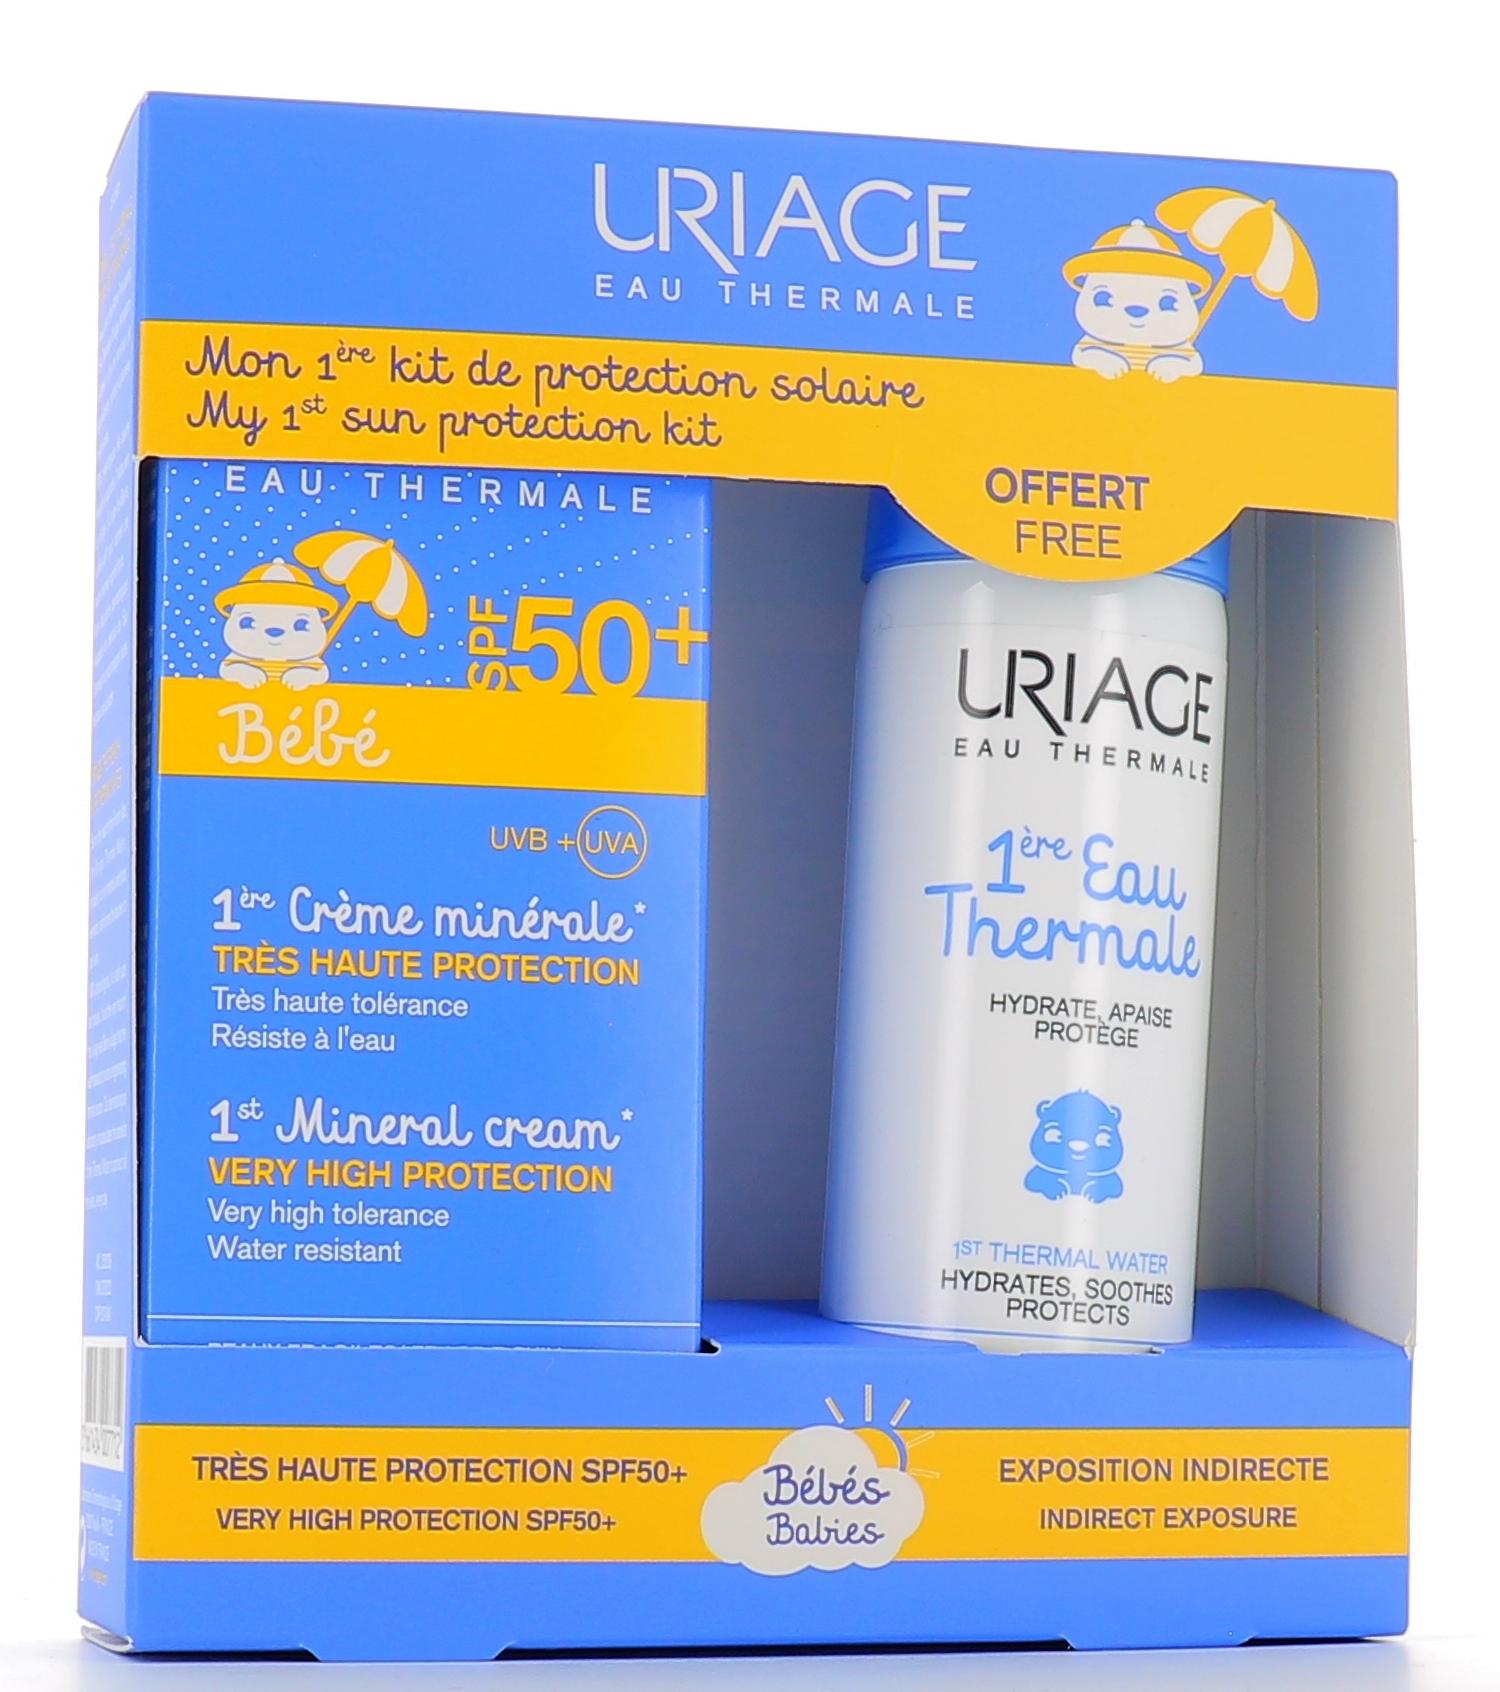 URIAGE LABORATOIRES DERMATOLOG Uriage Bebe Prima Crema Minerale Spf50+ 50ml + Omaggio